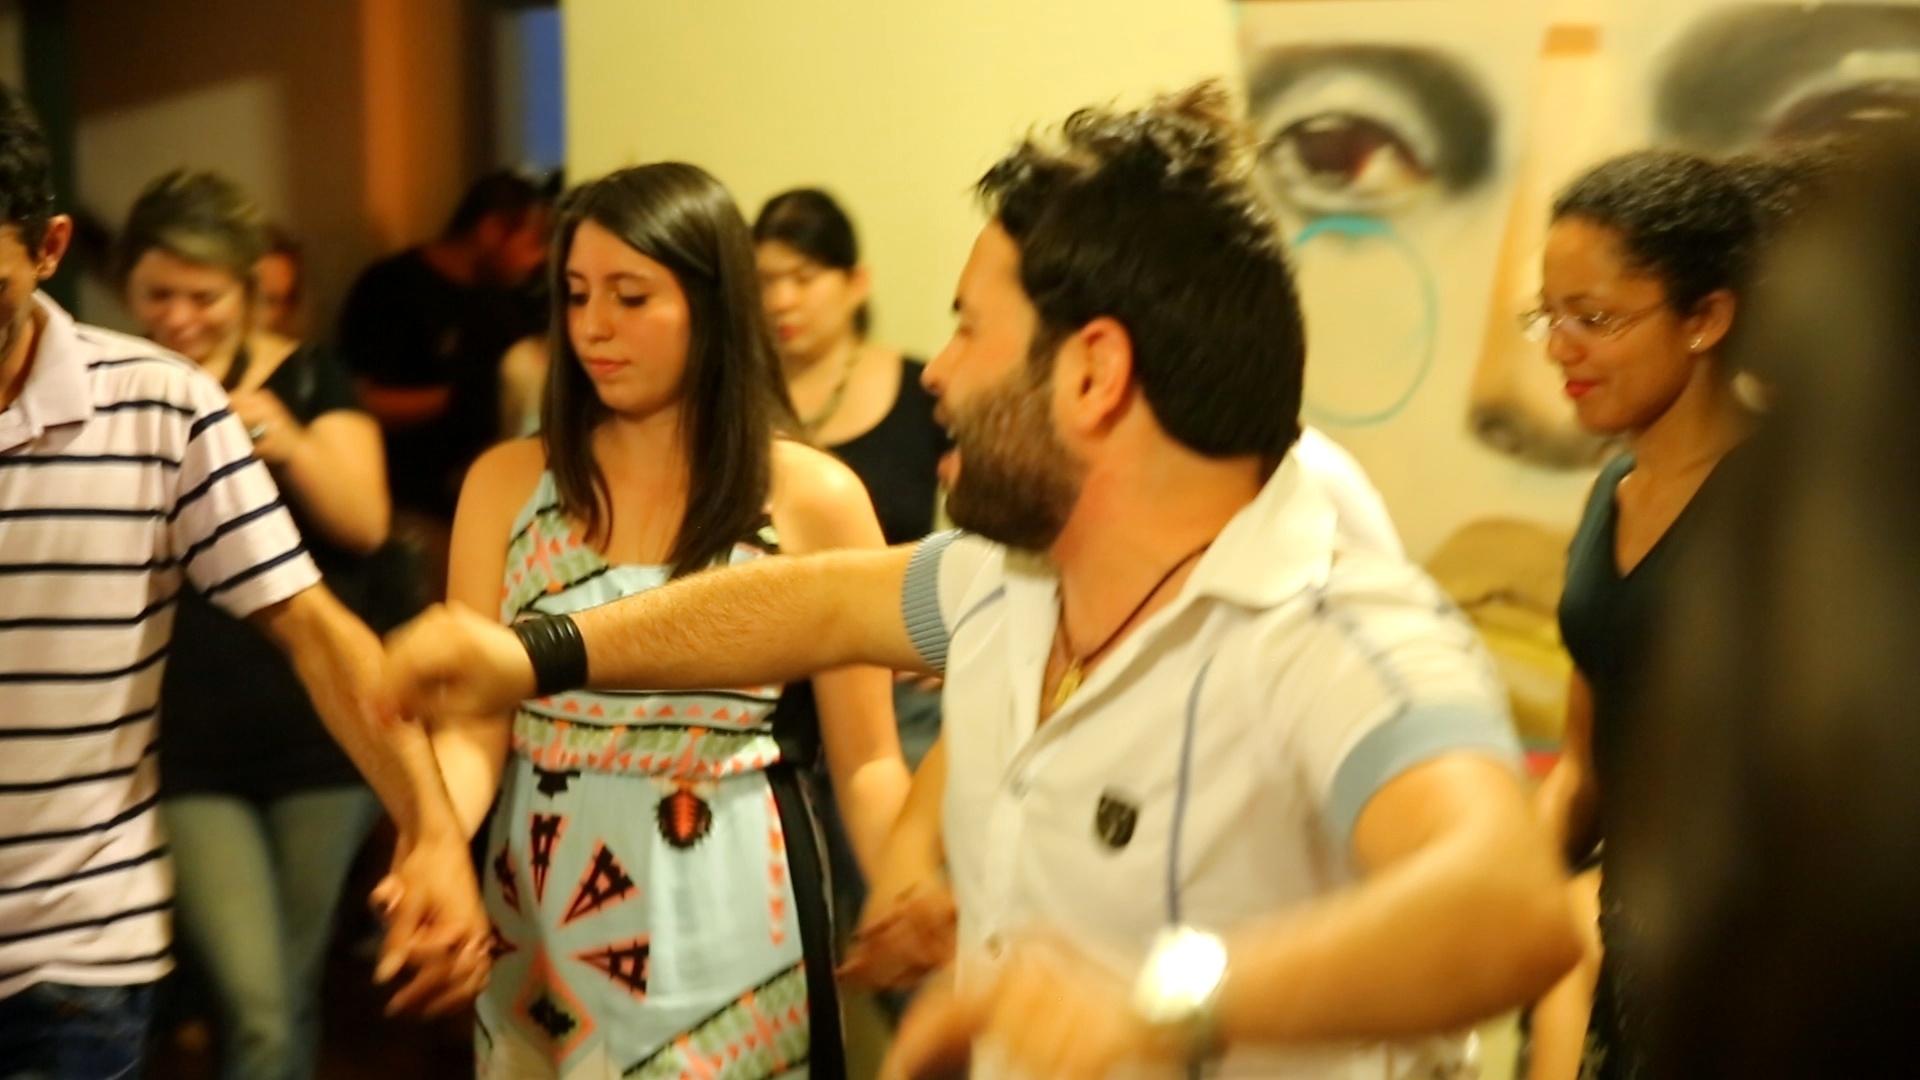 Refugiado sírio mostra alguns passos da dança tradicional síria para alunos da ONG Abraço Cultural em aula cultural em São Paulo